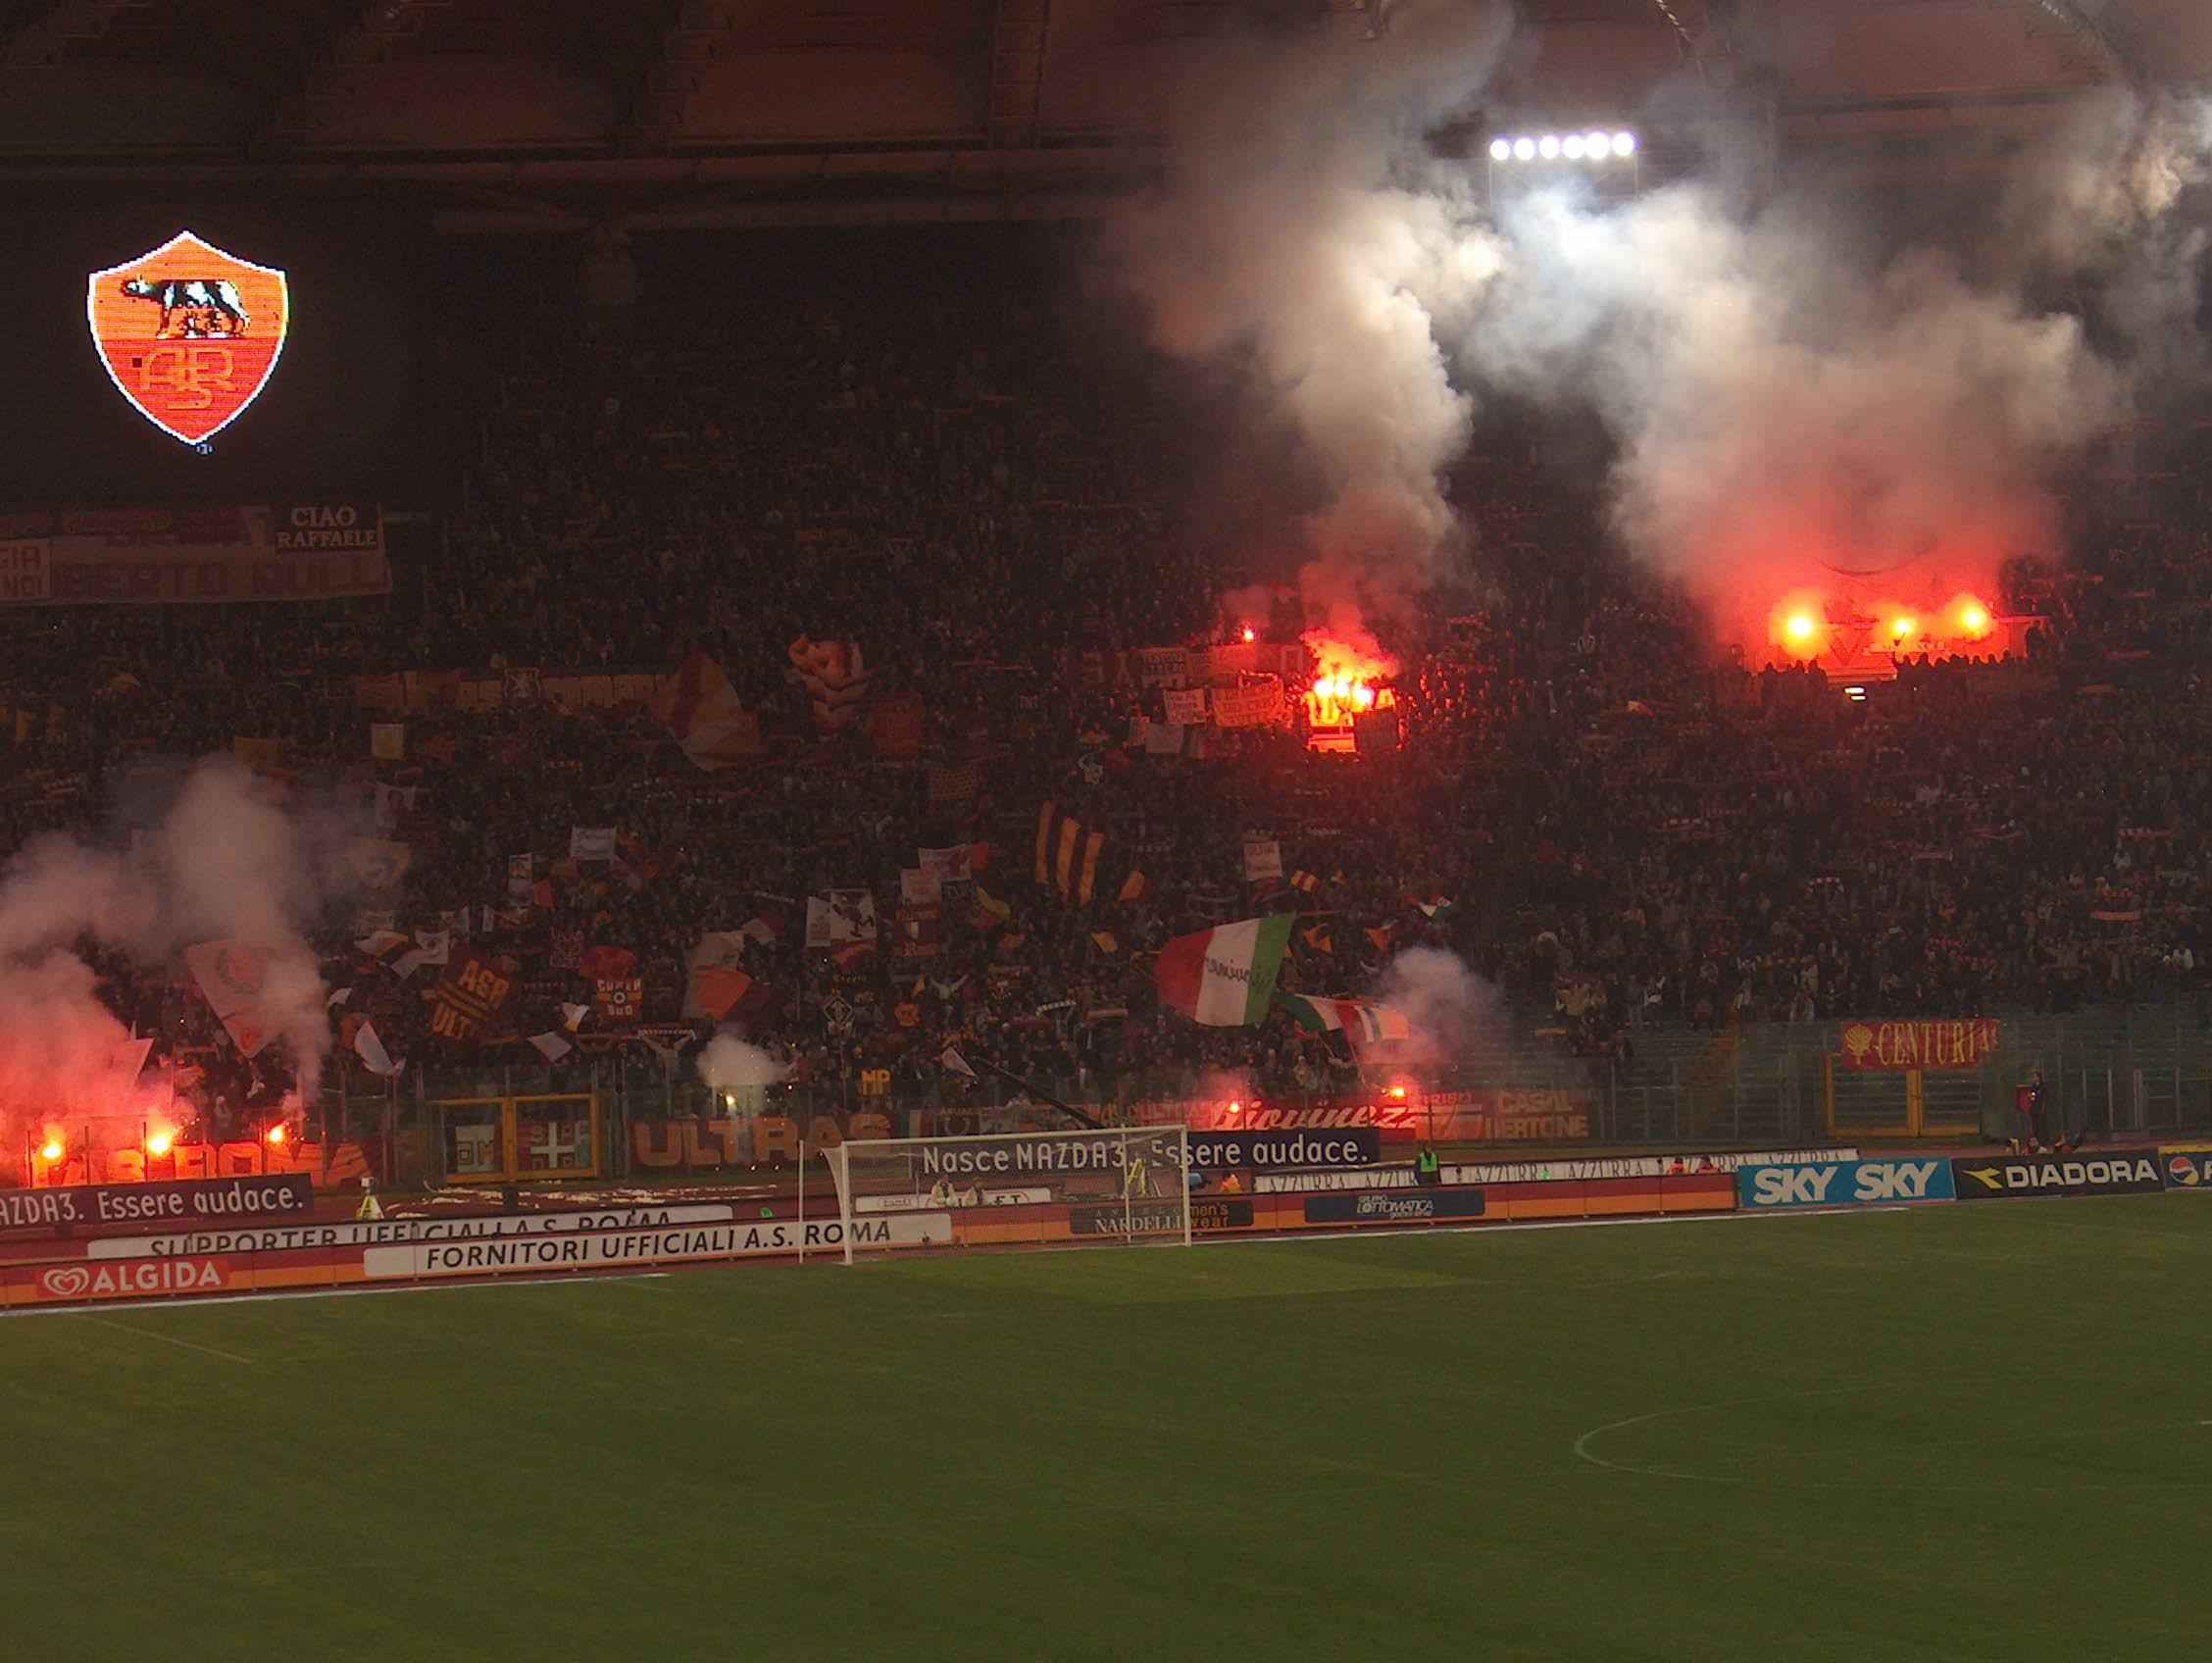 Agurketiden er igang – tilbageblik på Serie A 2012/2013